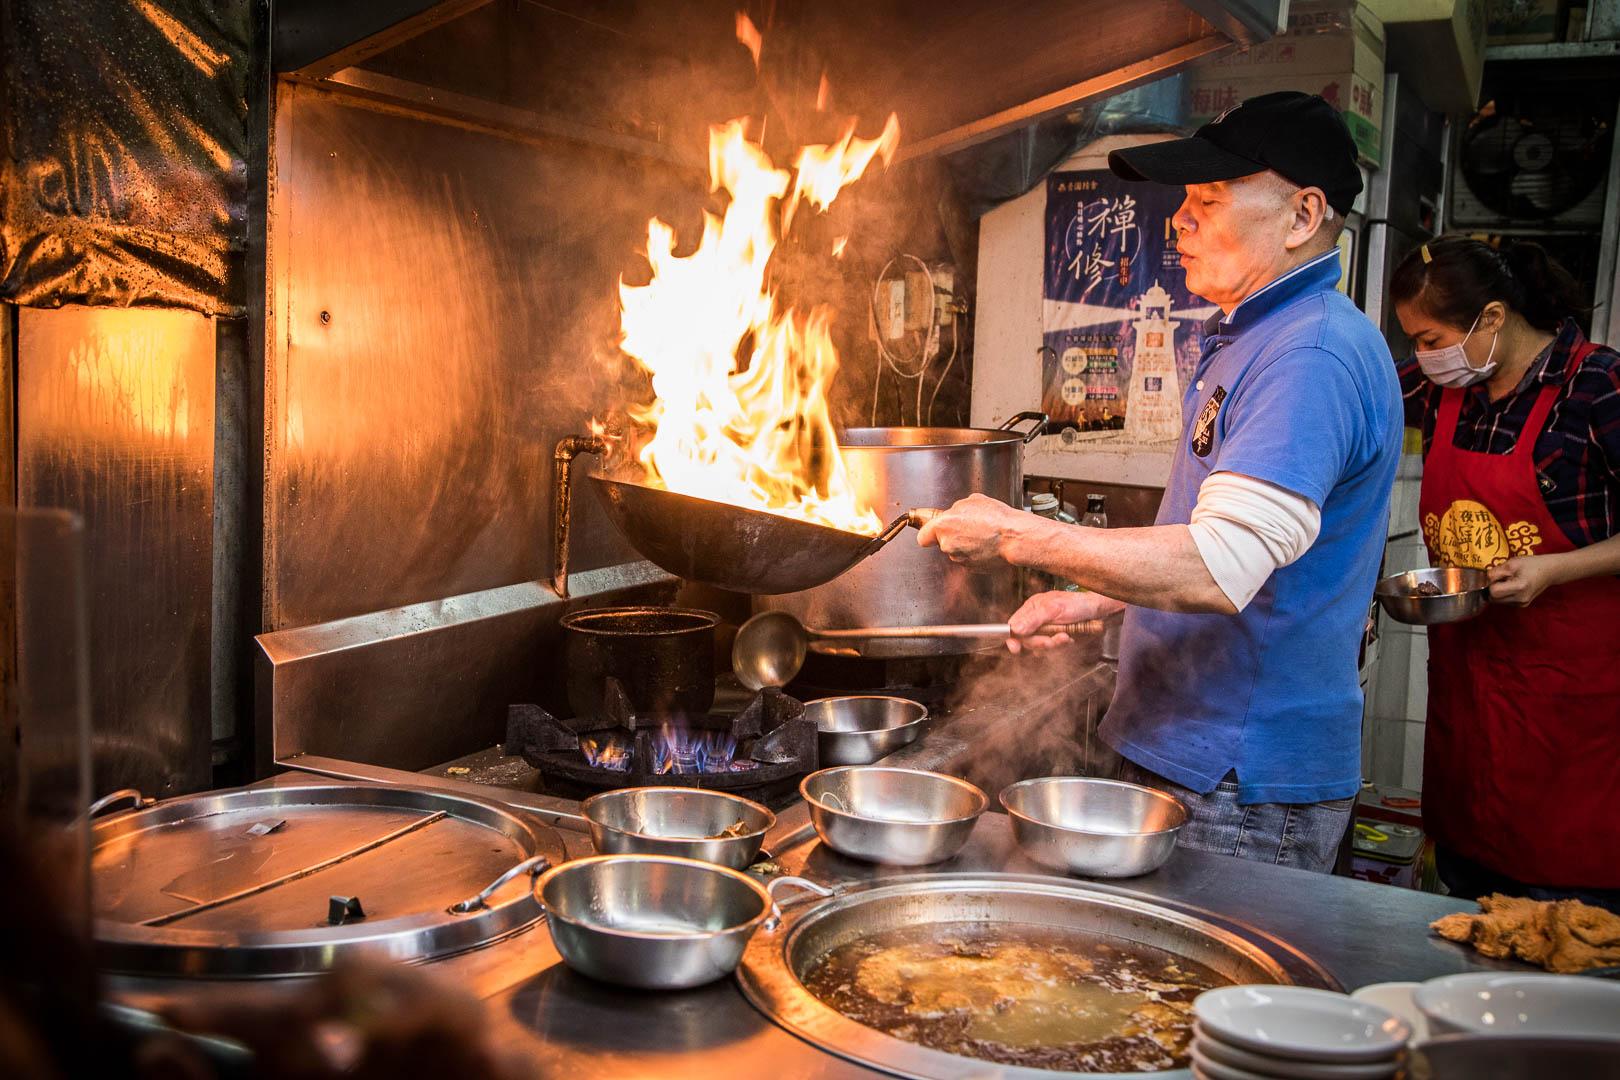 台北美食》阿柱麻油雞/連google都找不到的隱藏版麻油雞,大火爆炒的絕頂美味!